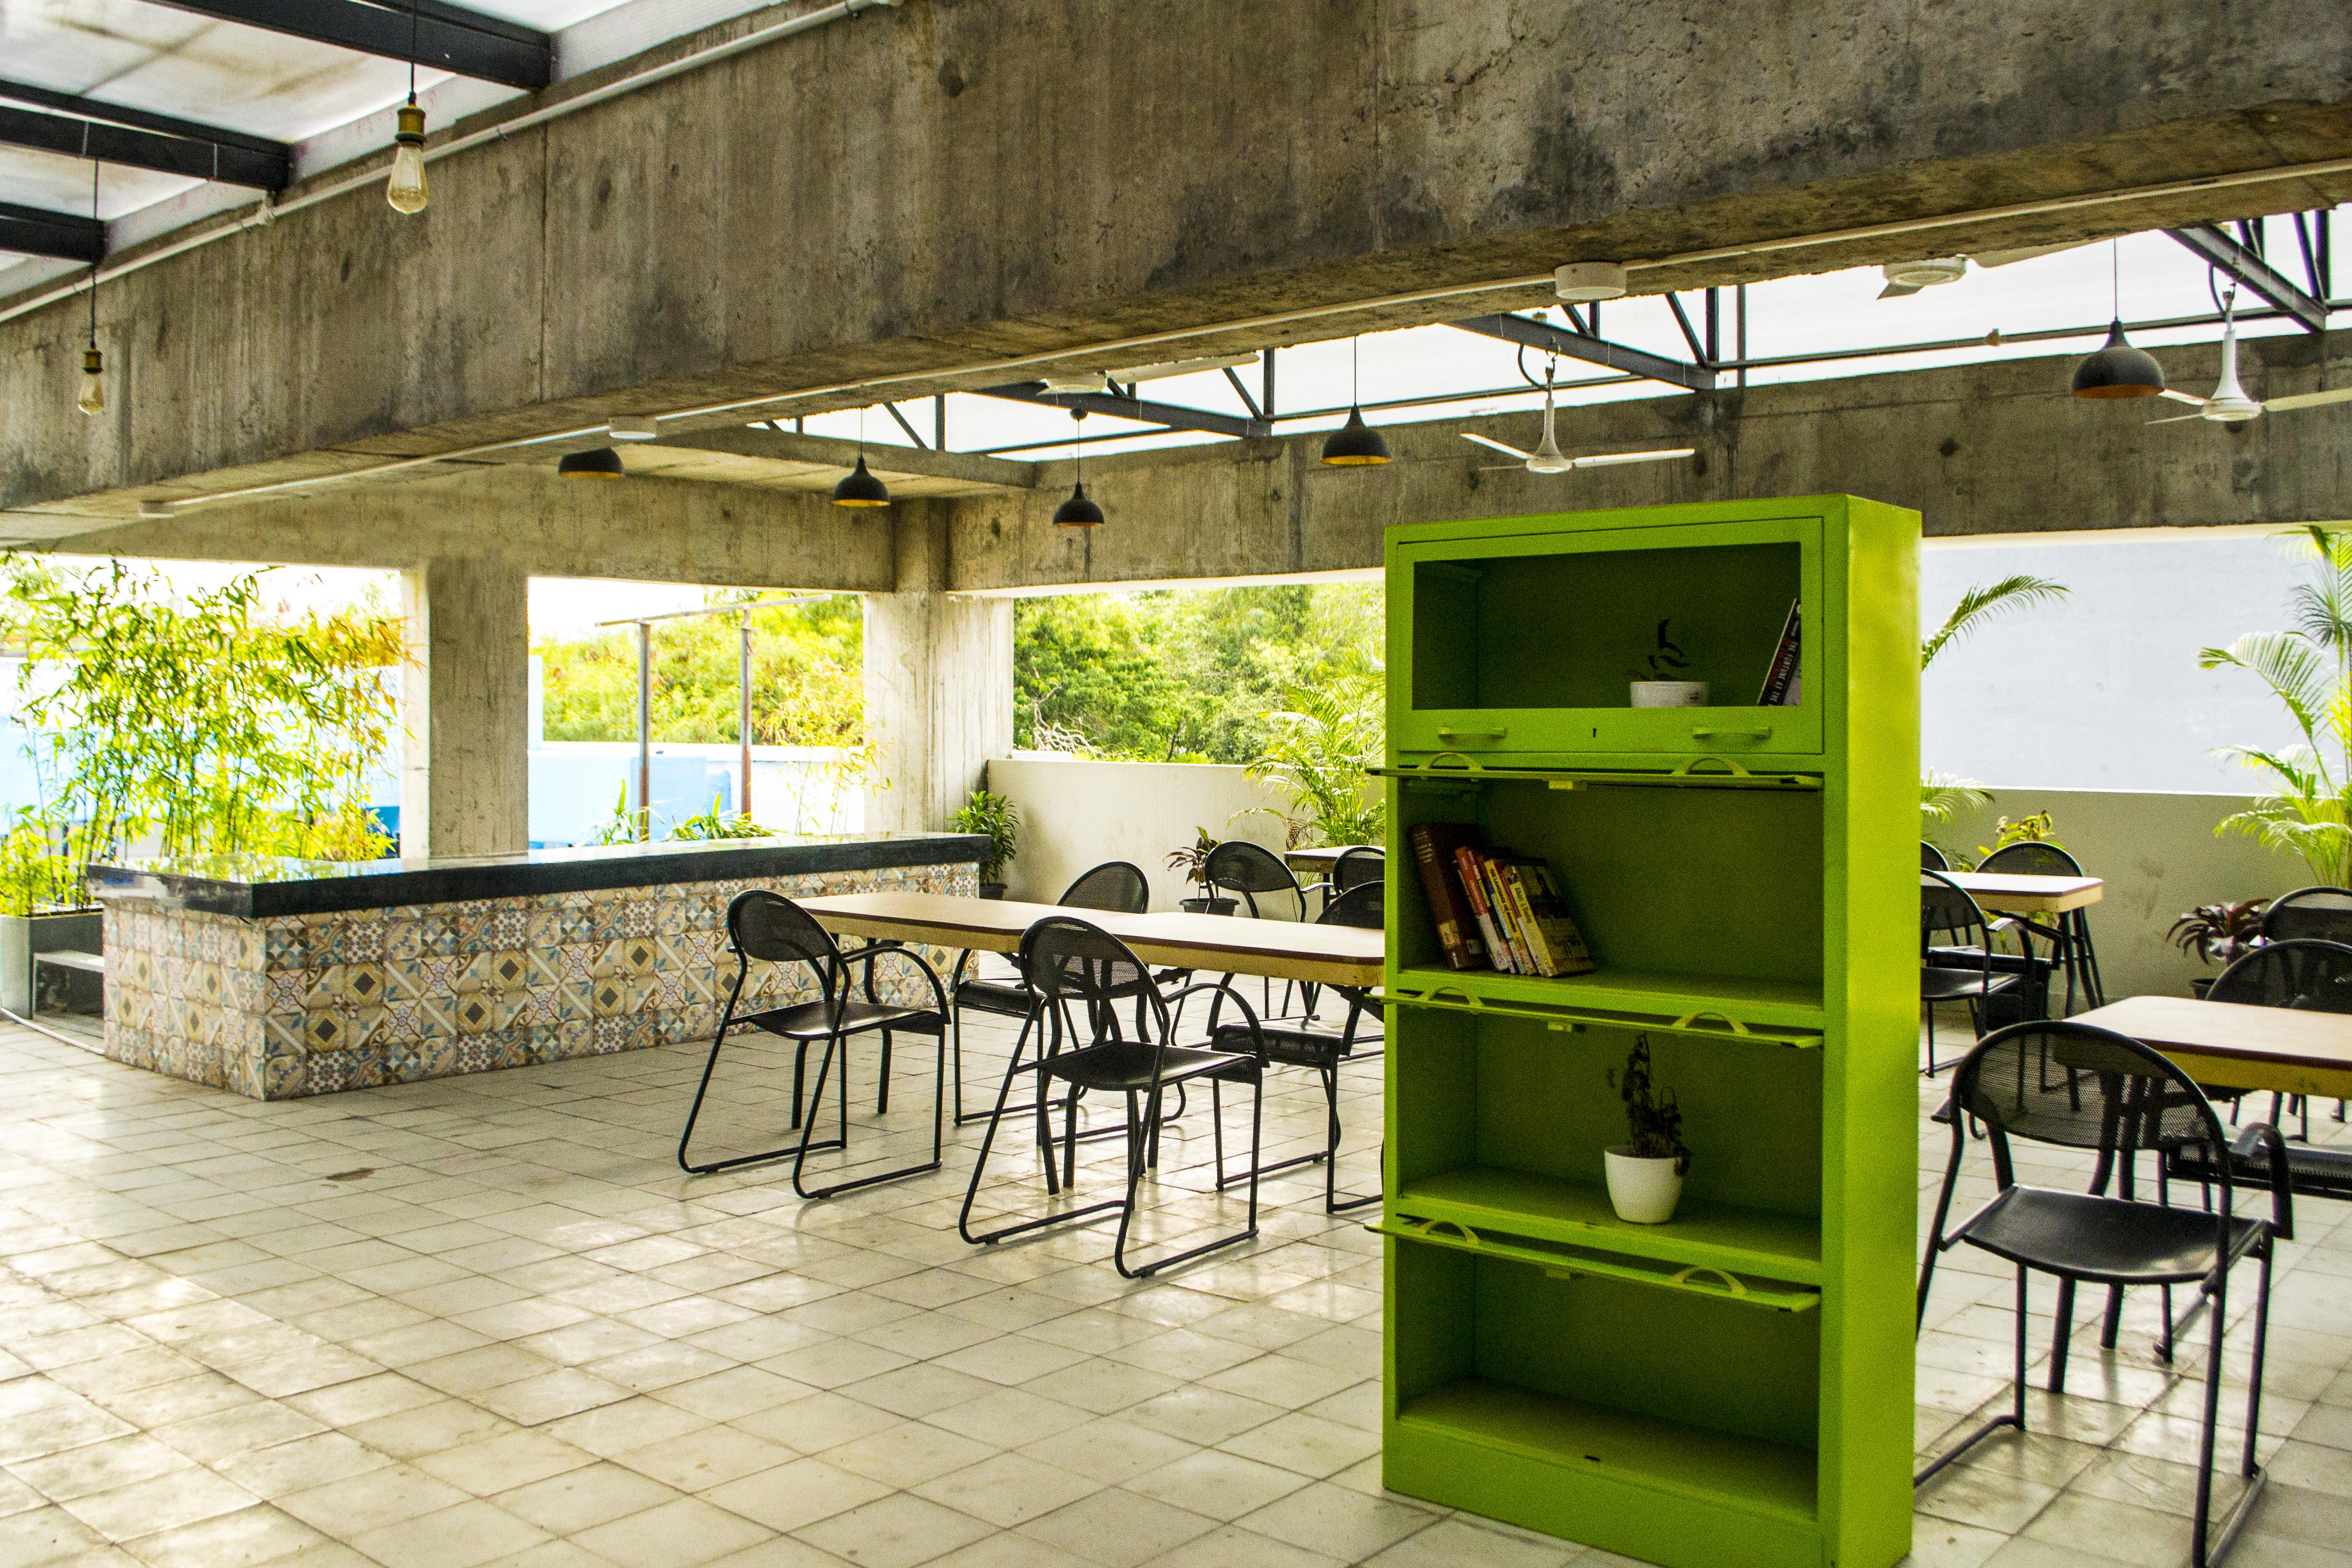 Refurbished Shelves